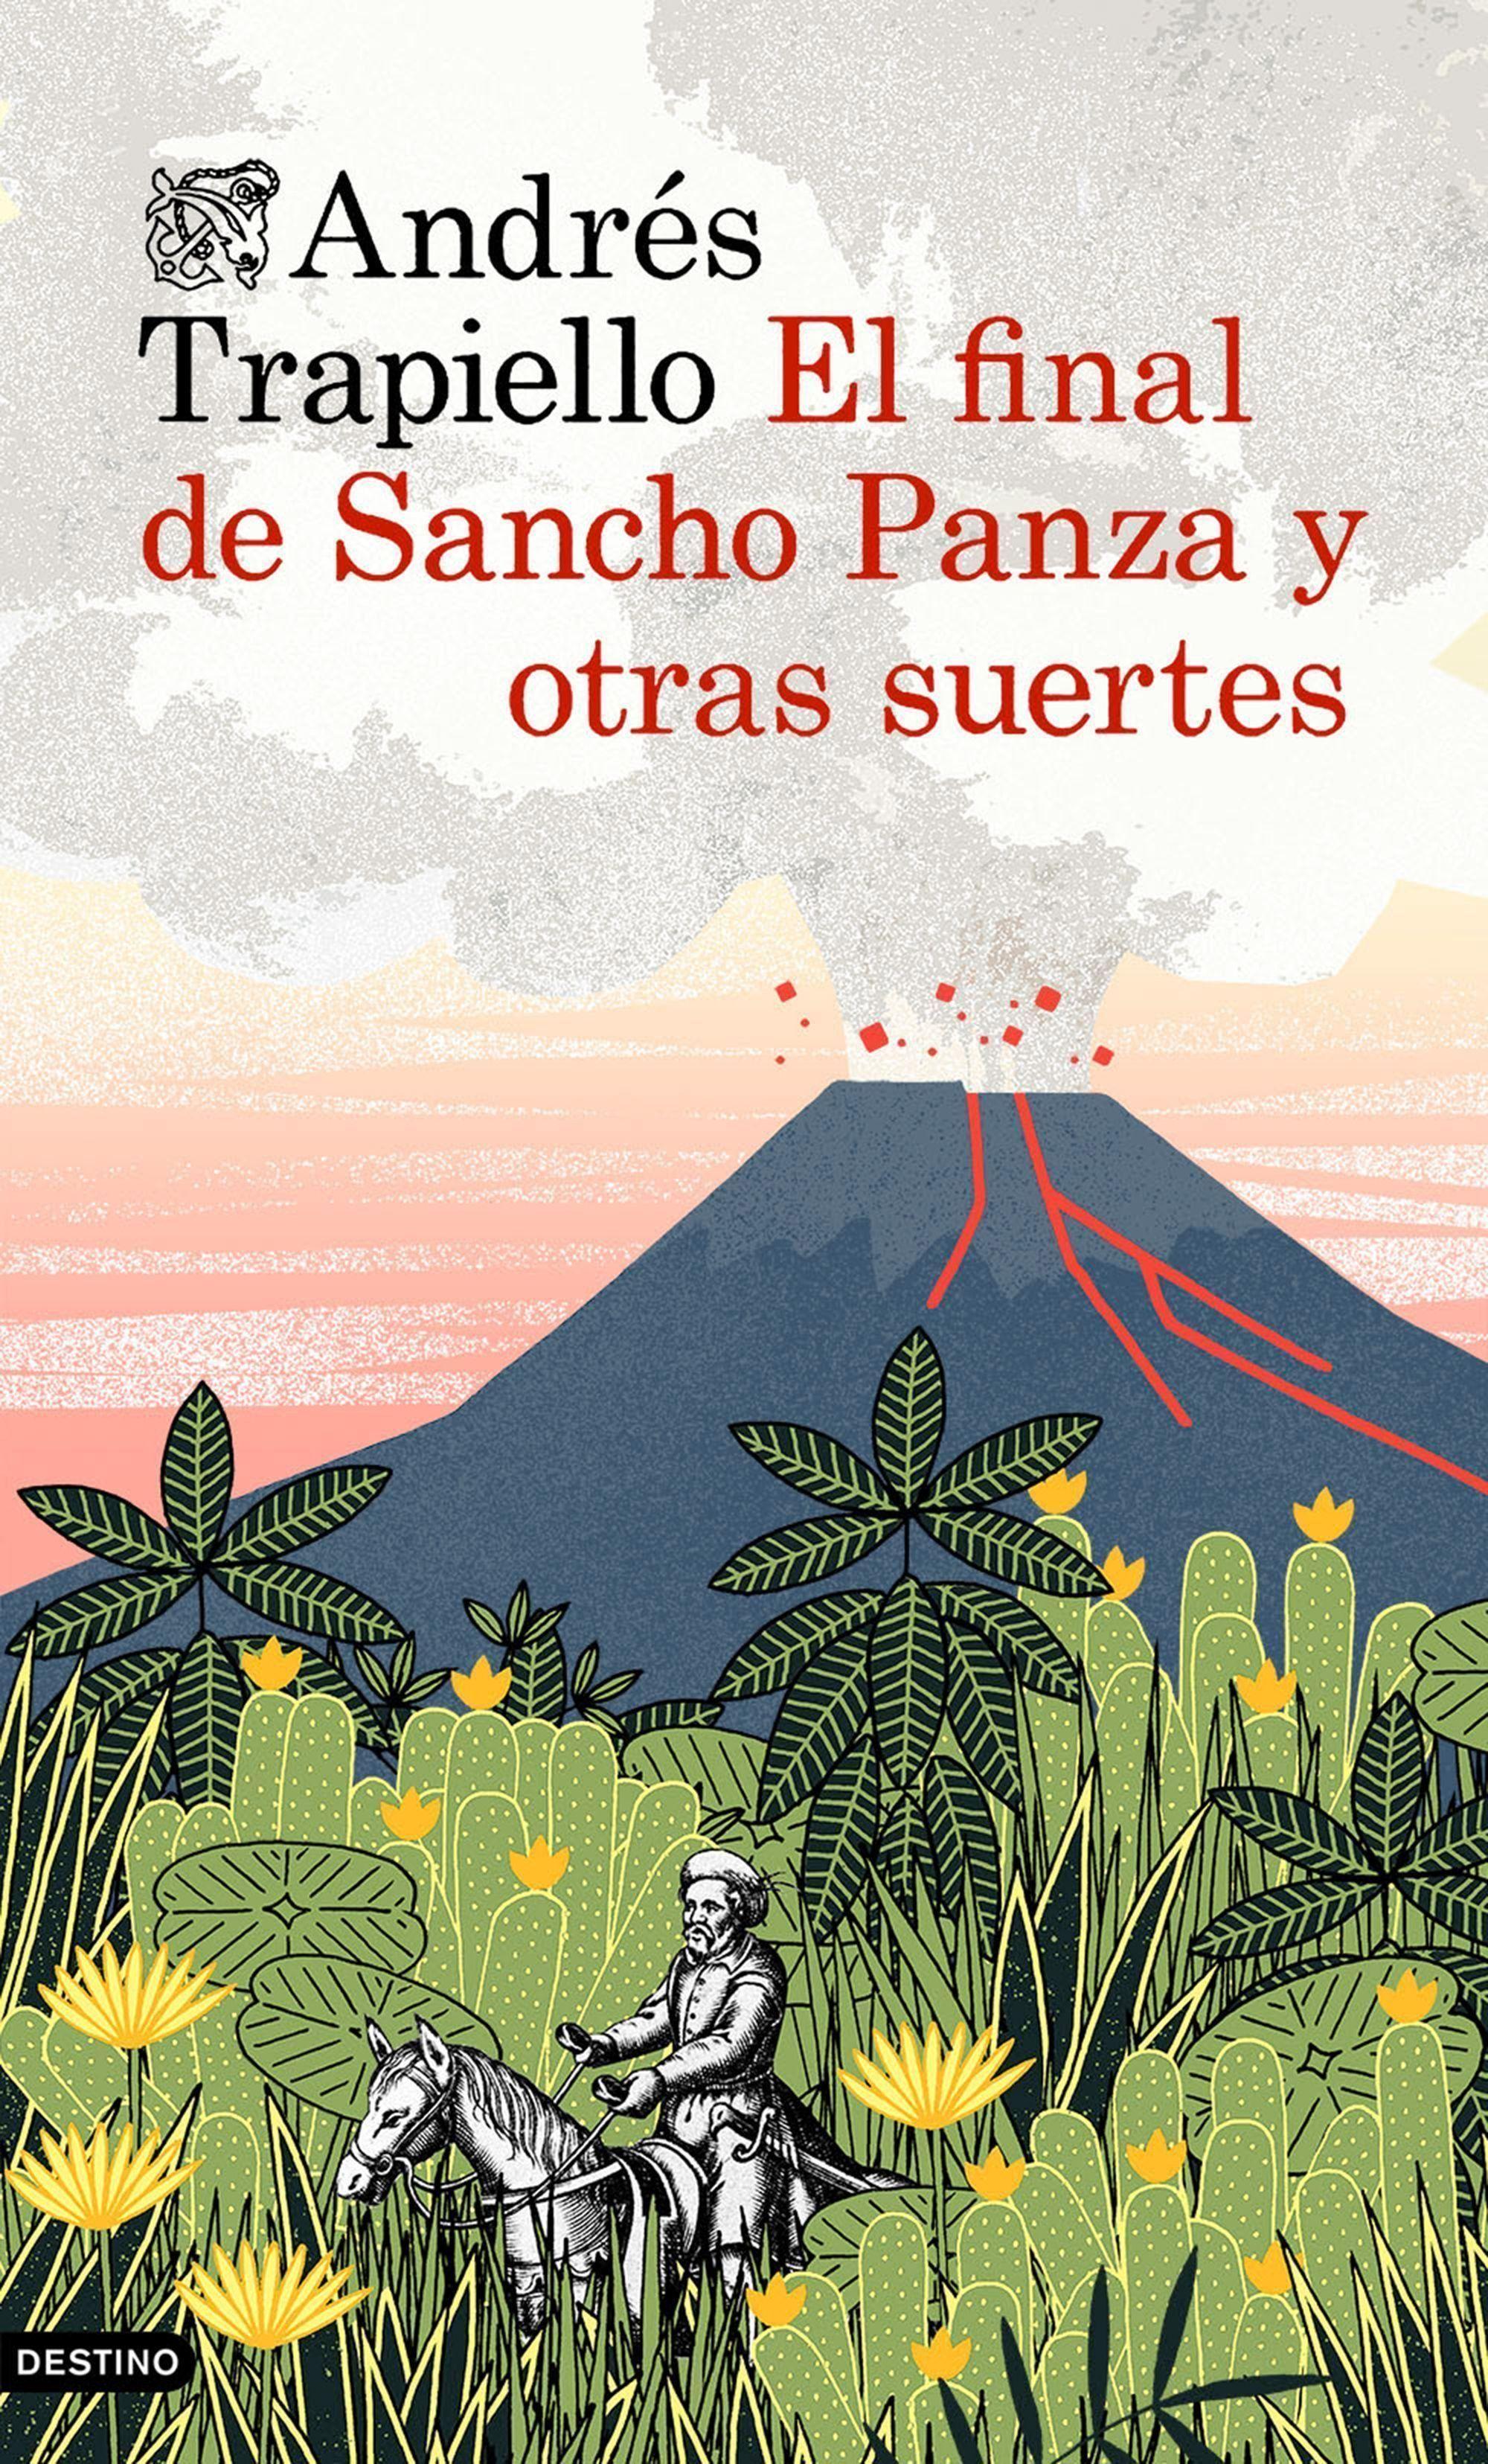 Final de Sancho Panza y otras suertes, El